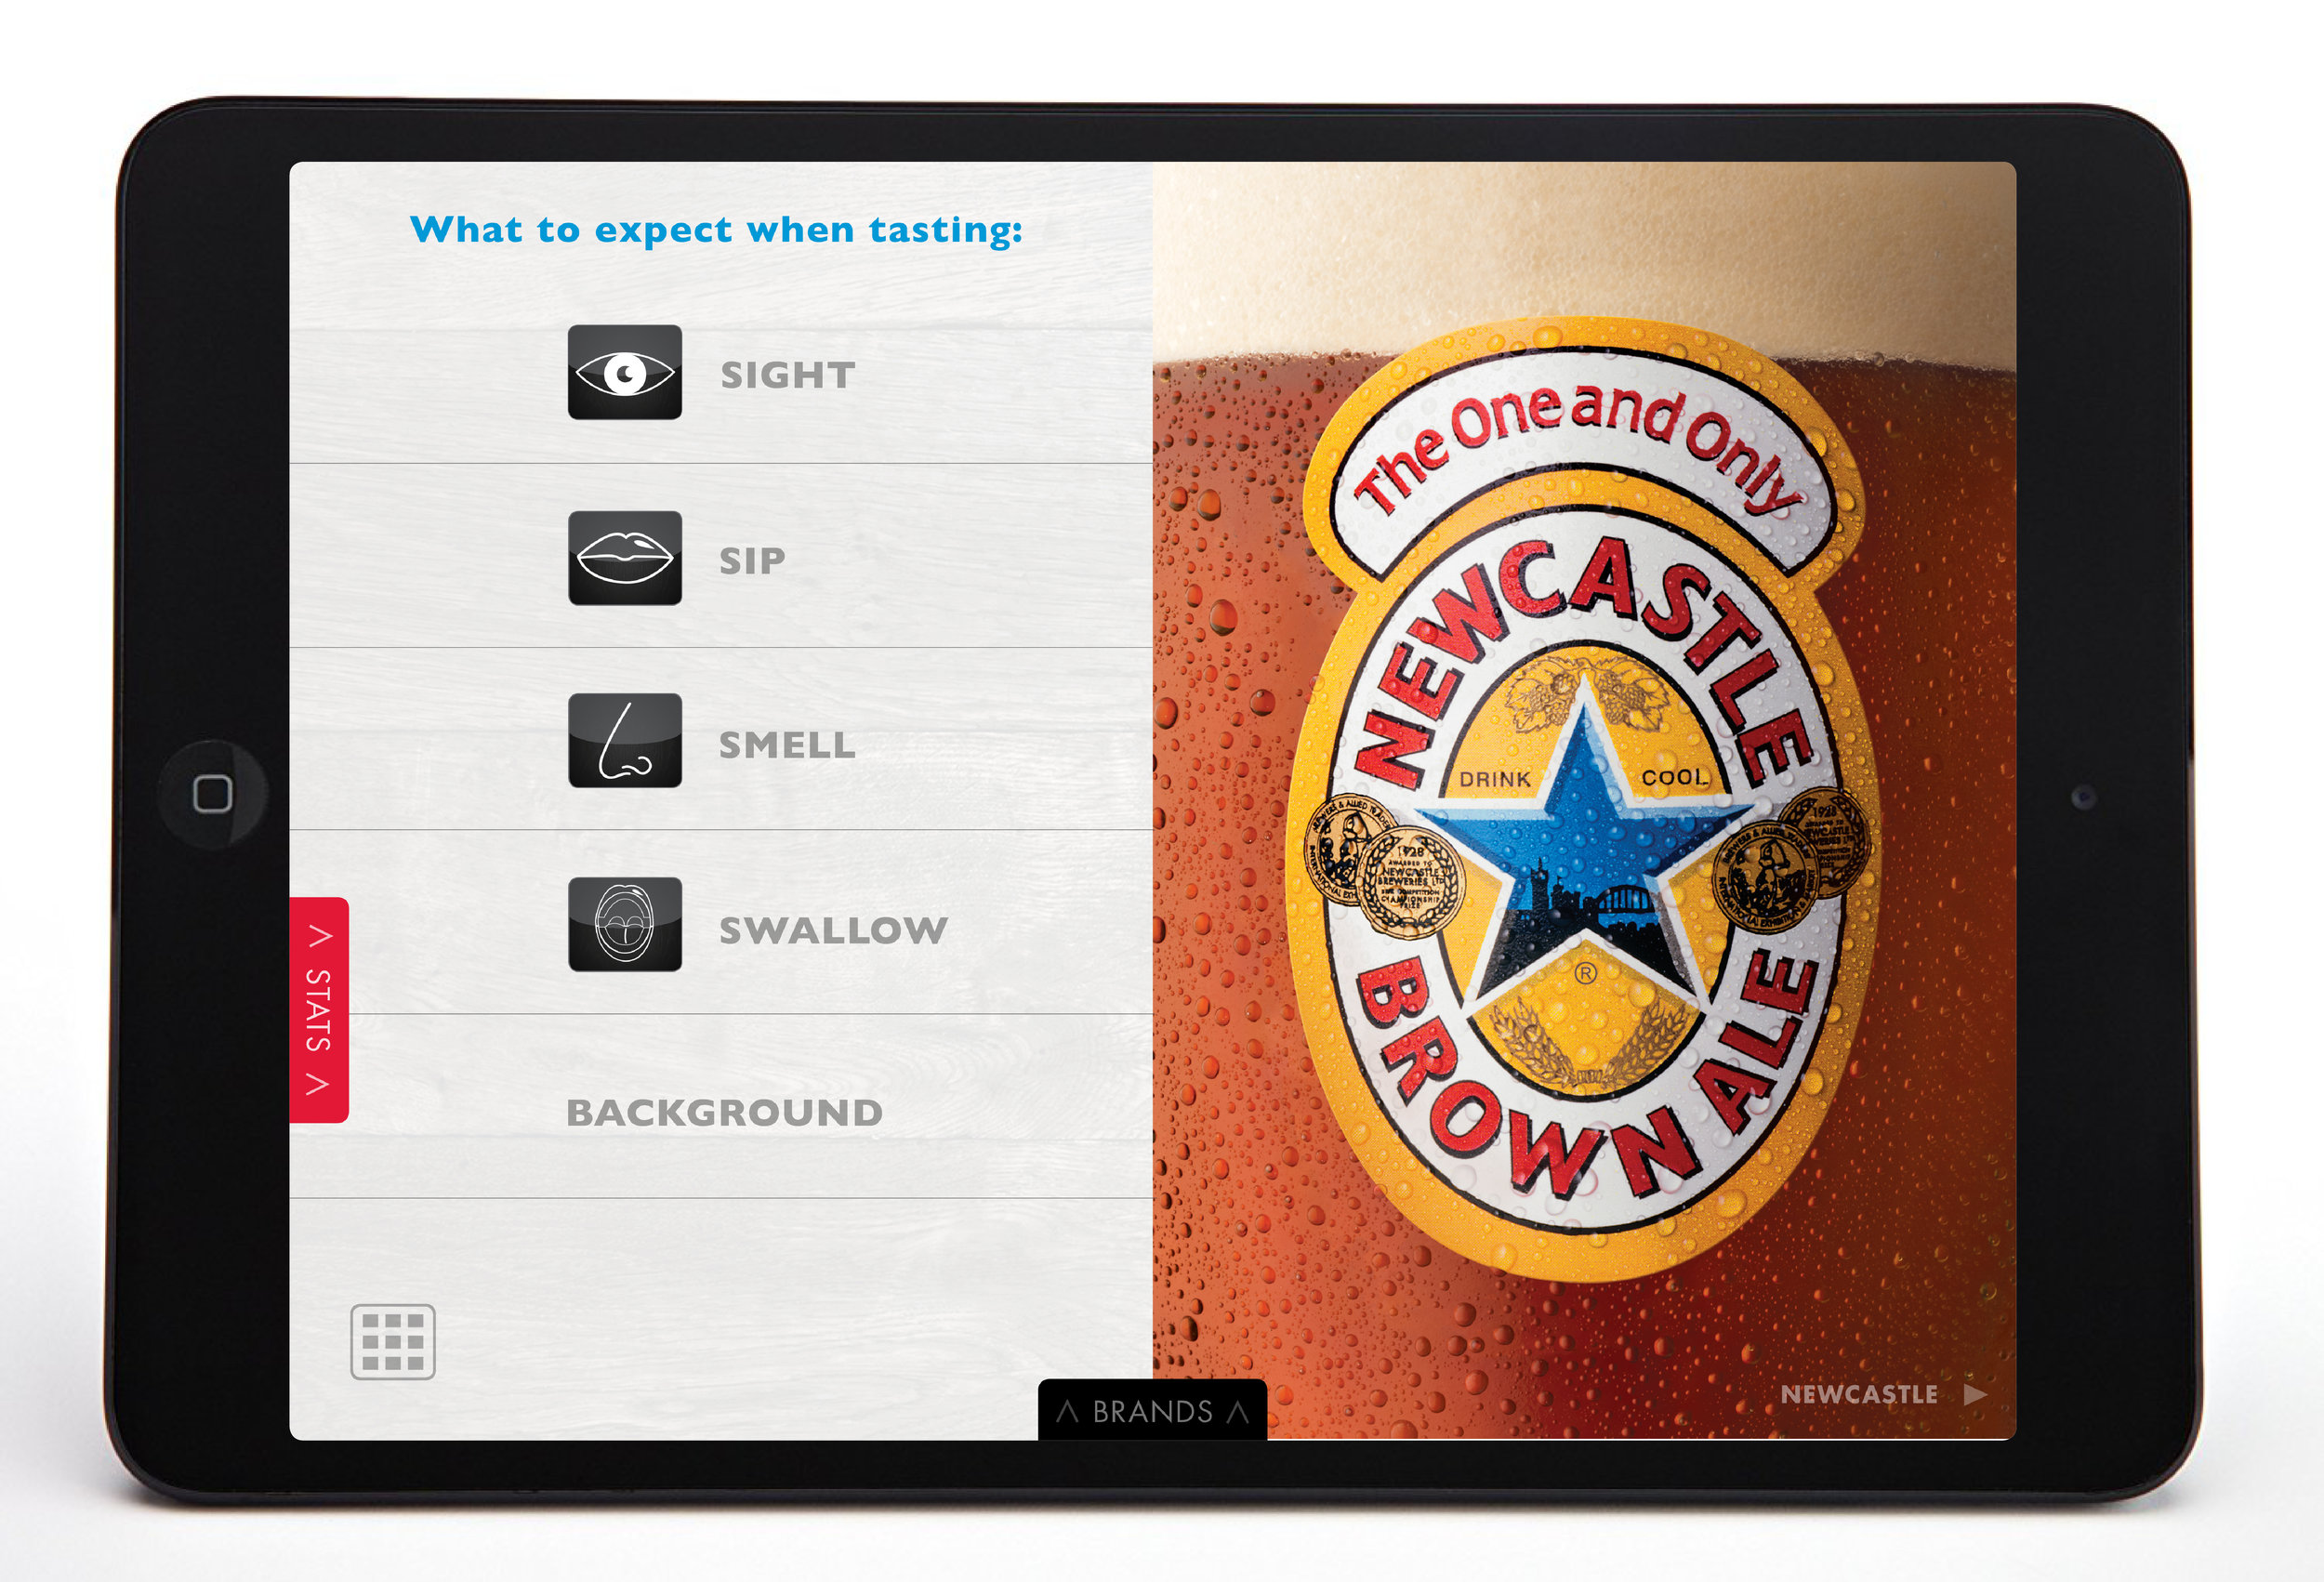 Heineken-food&beer pairing-interactive book38.jpg